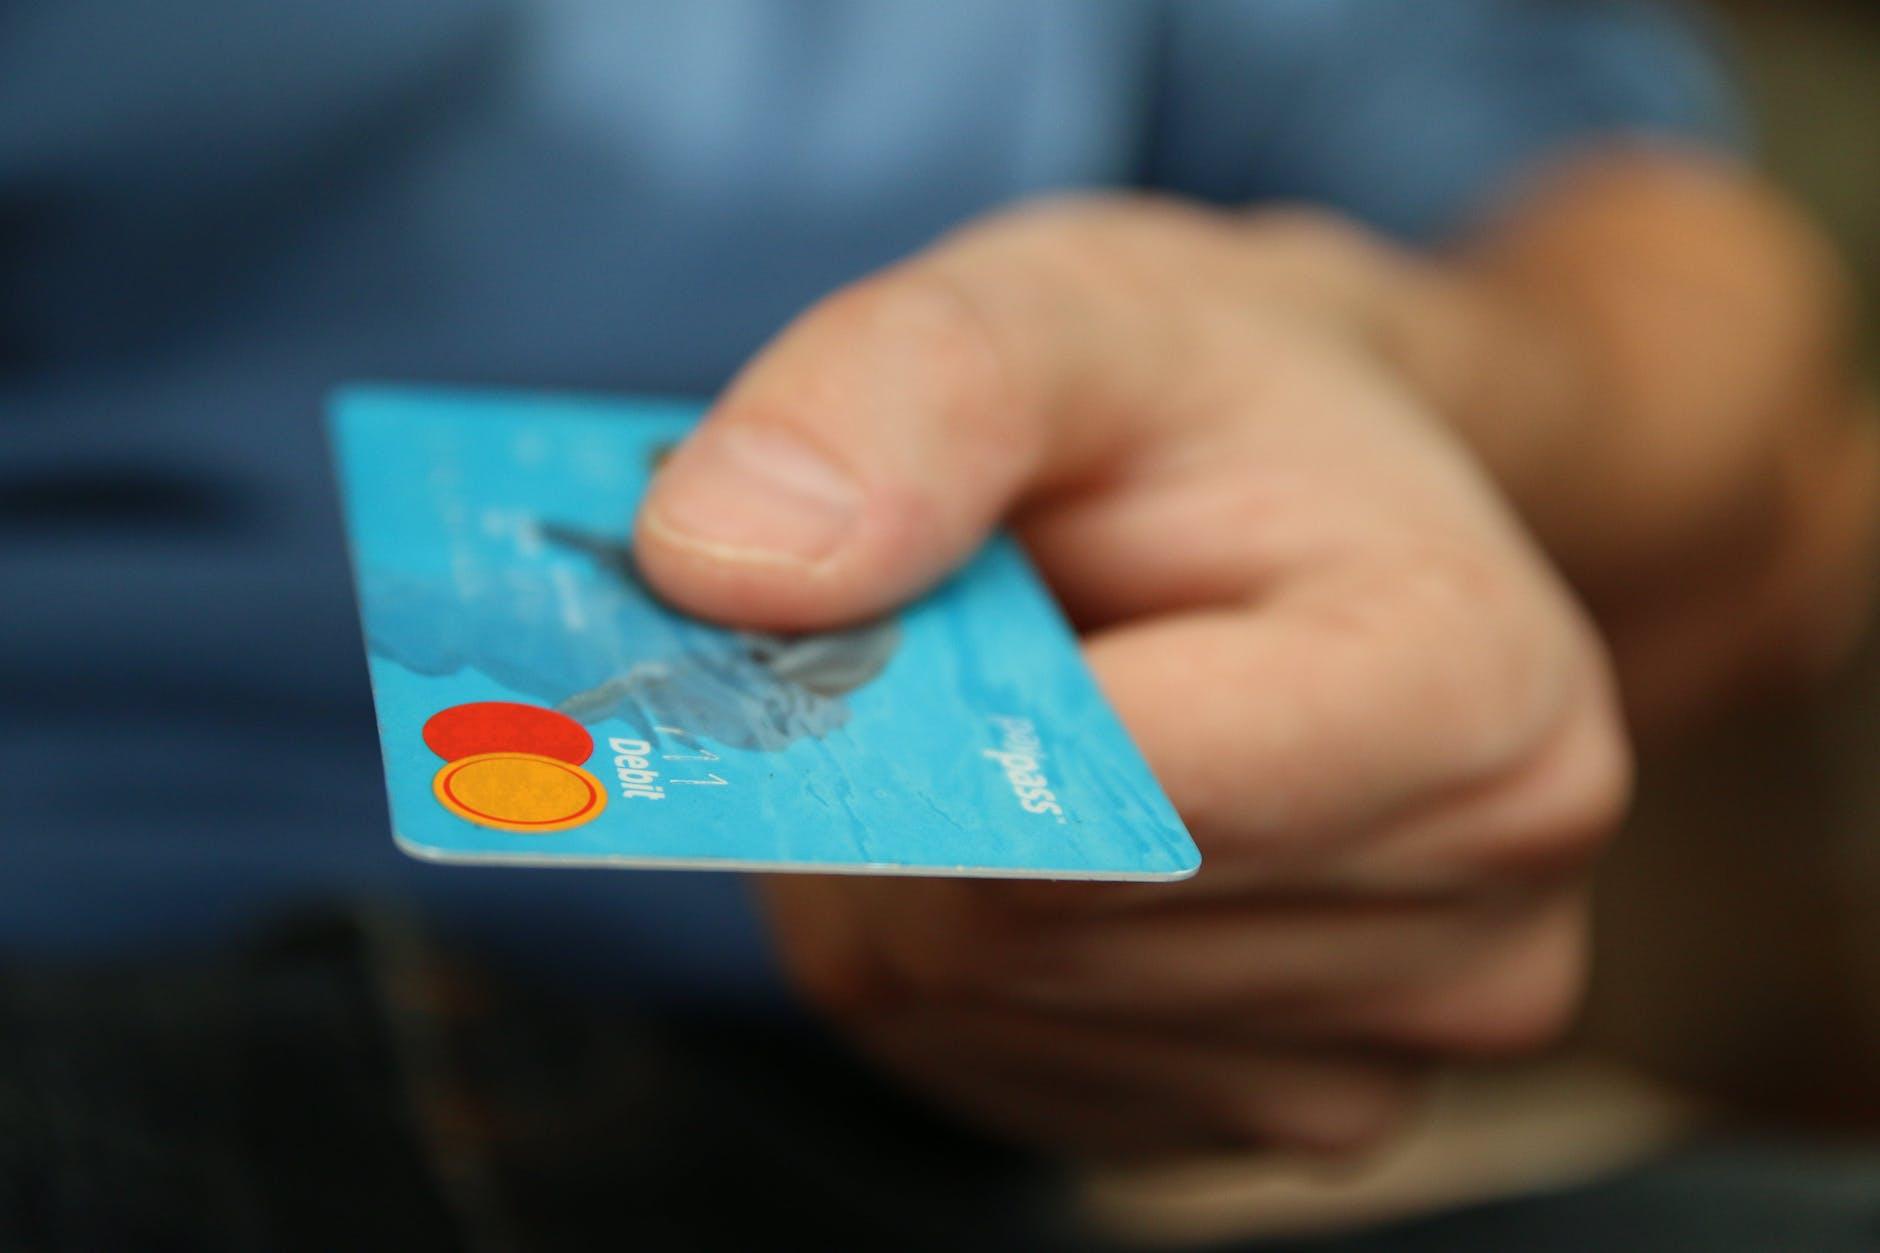 adelantar dinero seguro medico